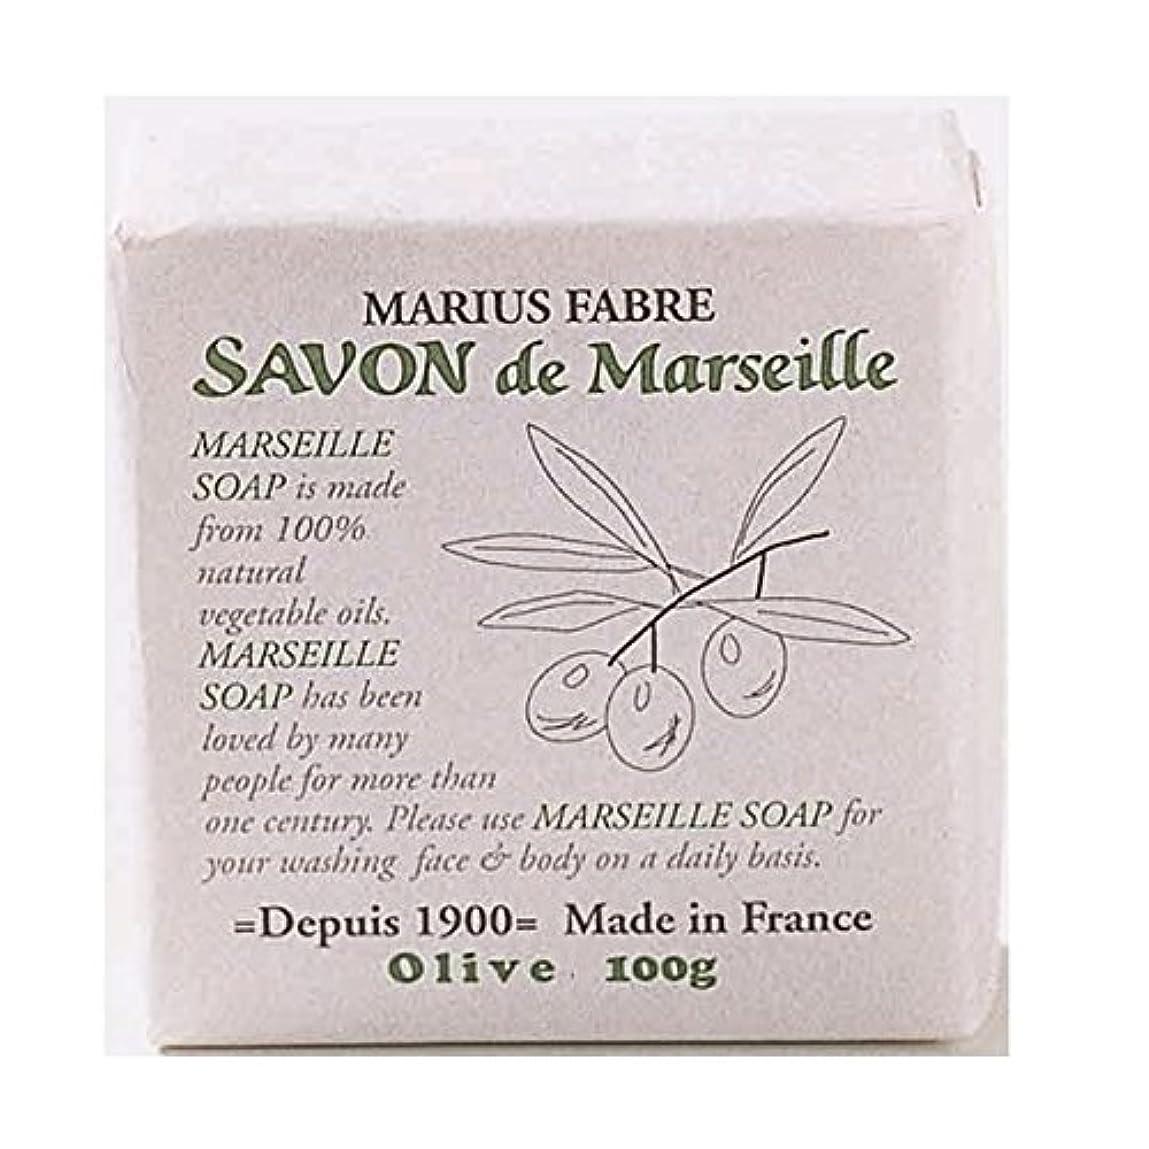 プール思いやりのある福祉サボンドマルセイユ 無香料 オリーブ石鹸 100g 6個セット マリウスファーブル